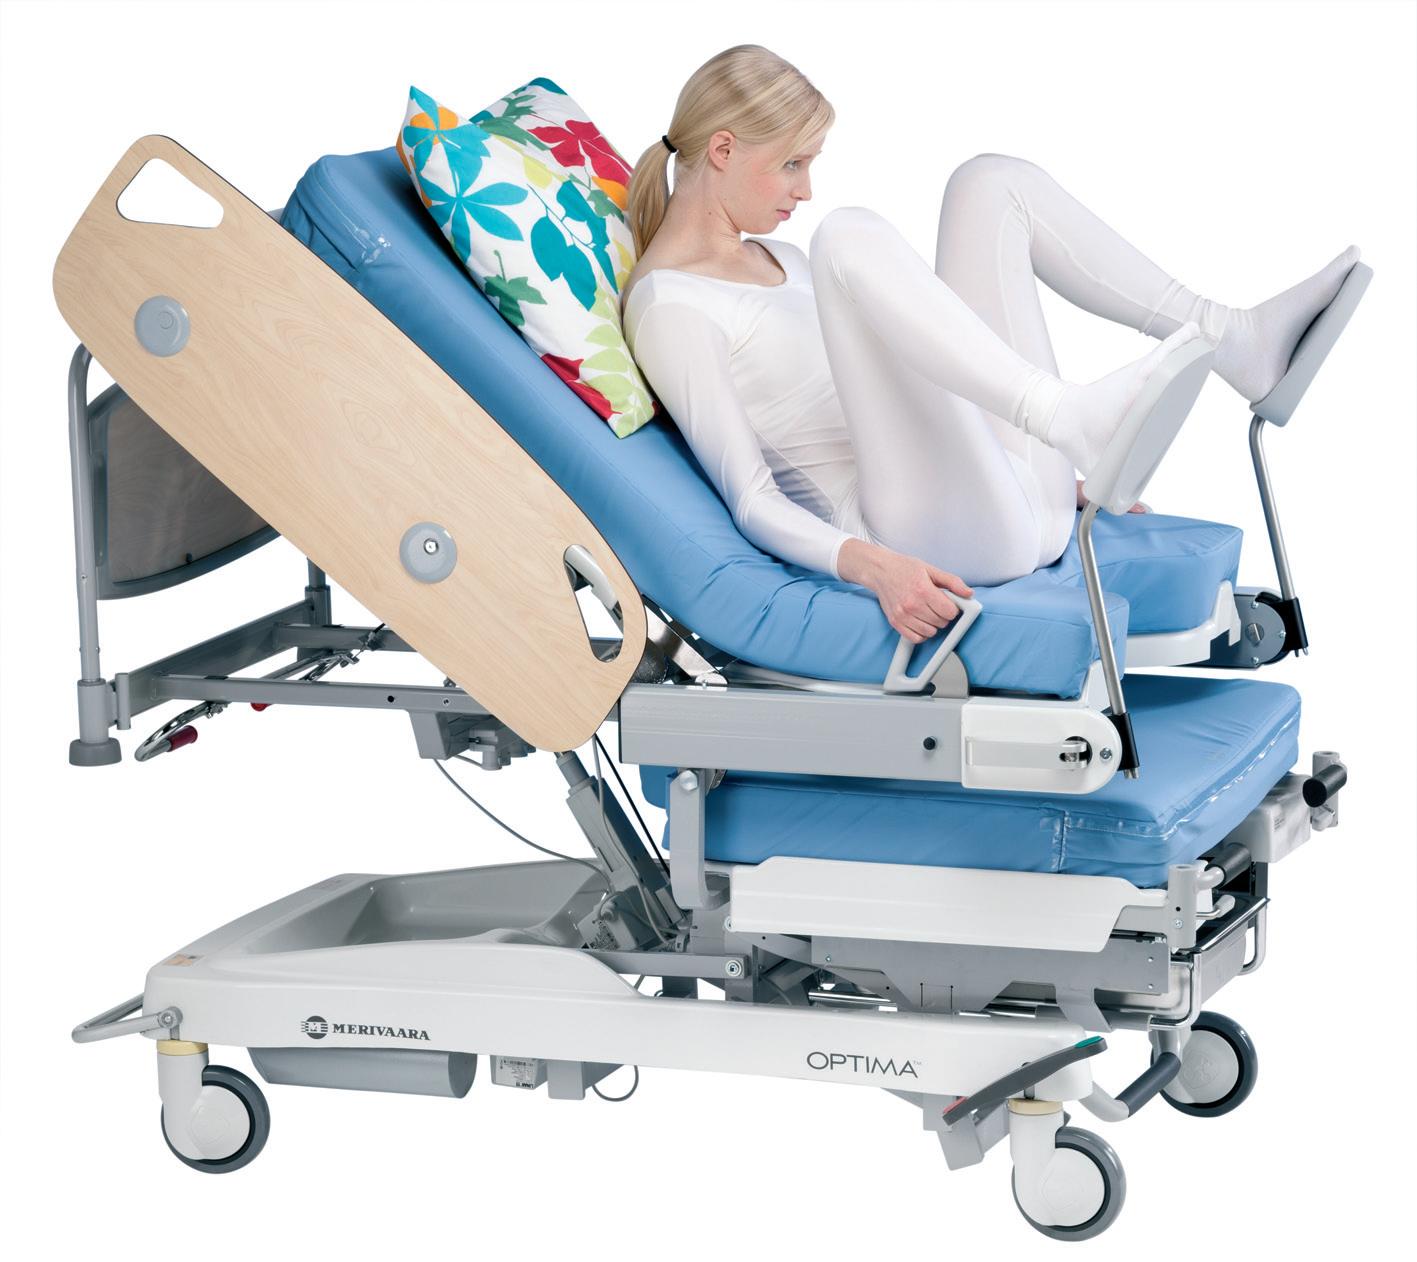 Фото сидя в гинекологическом кресле 10 фотография